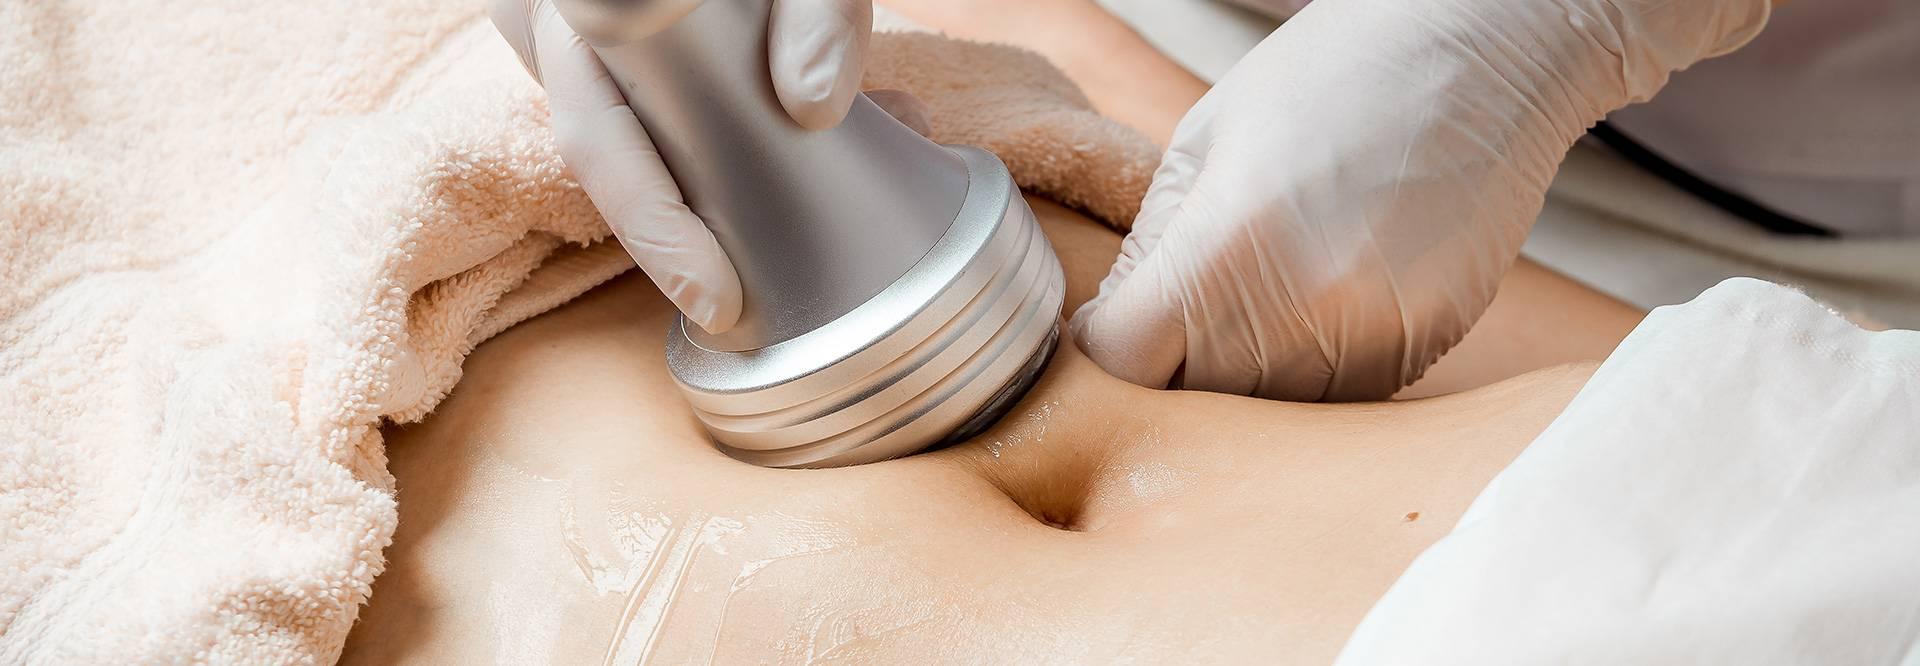 LIPOCAVITATION: diminution des amas graisseux: 5 séances espacées de 2 semaines